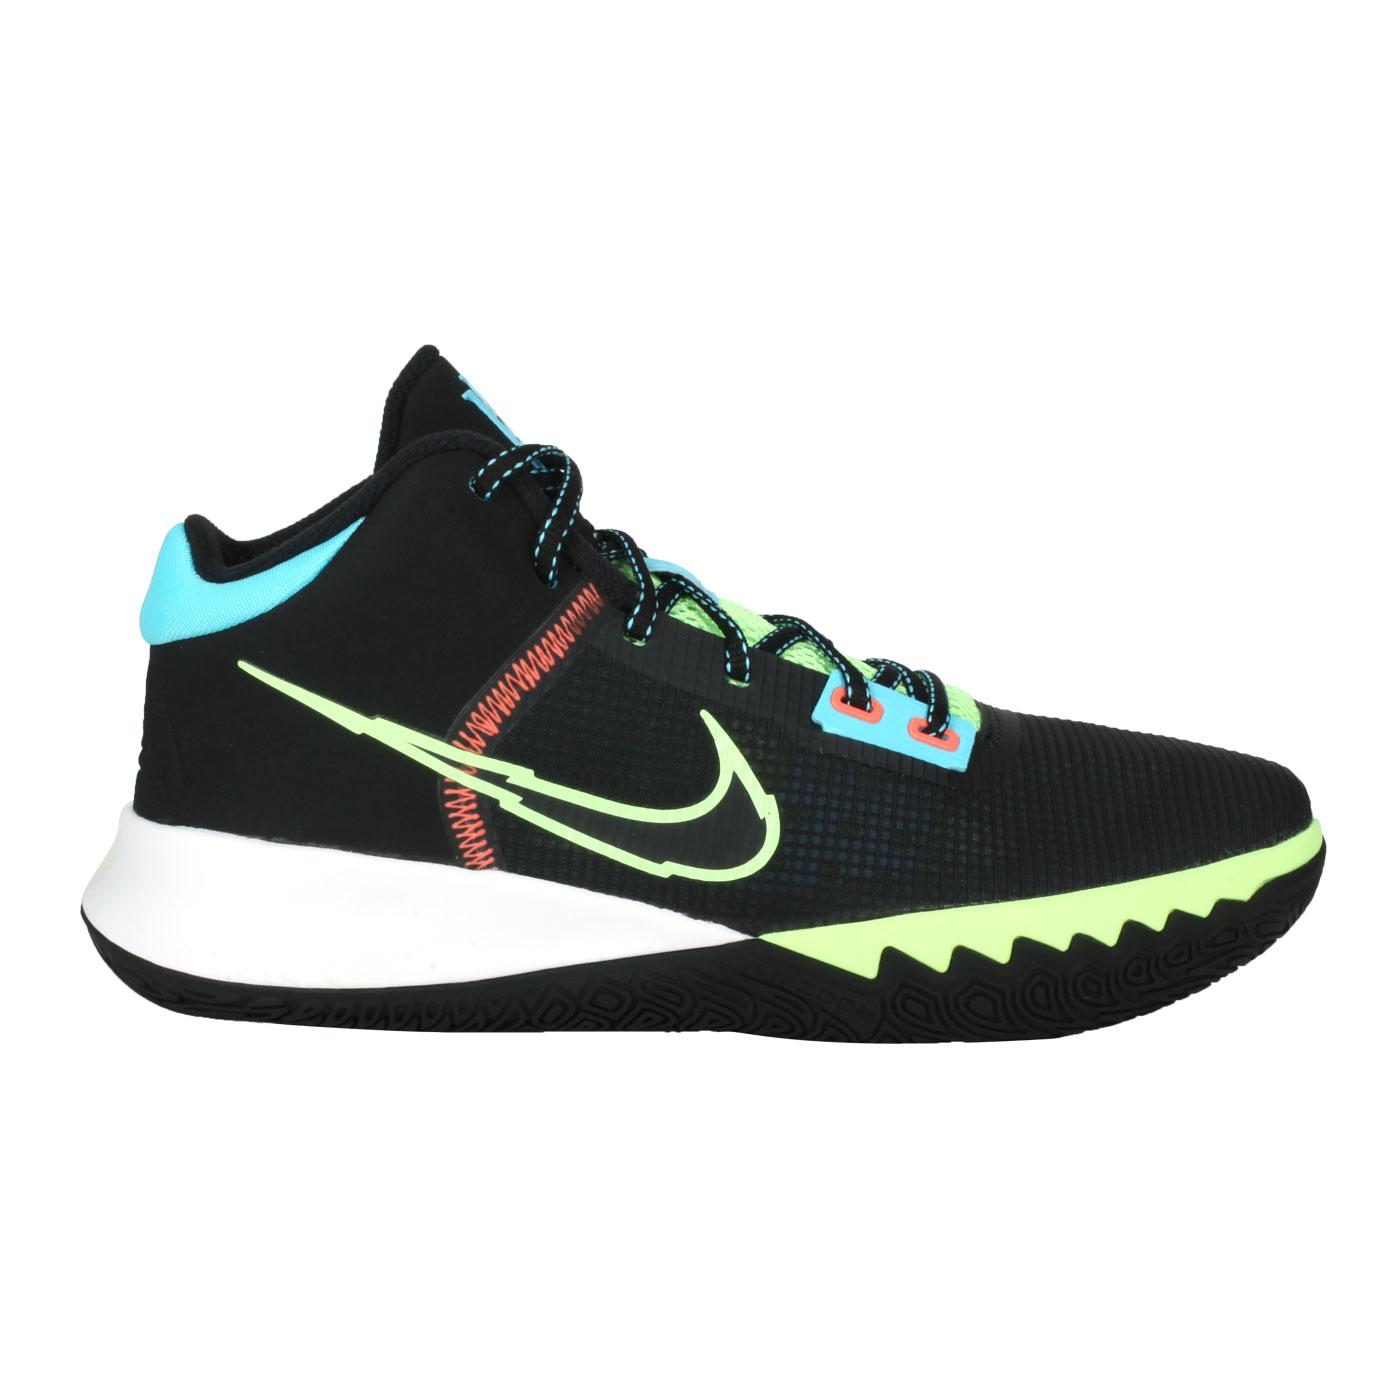 NIKE 男款籃球鞋  @KYRIE FLYTRAP IV EP@CT1973003 - 黑綠藍